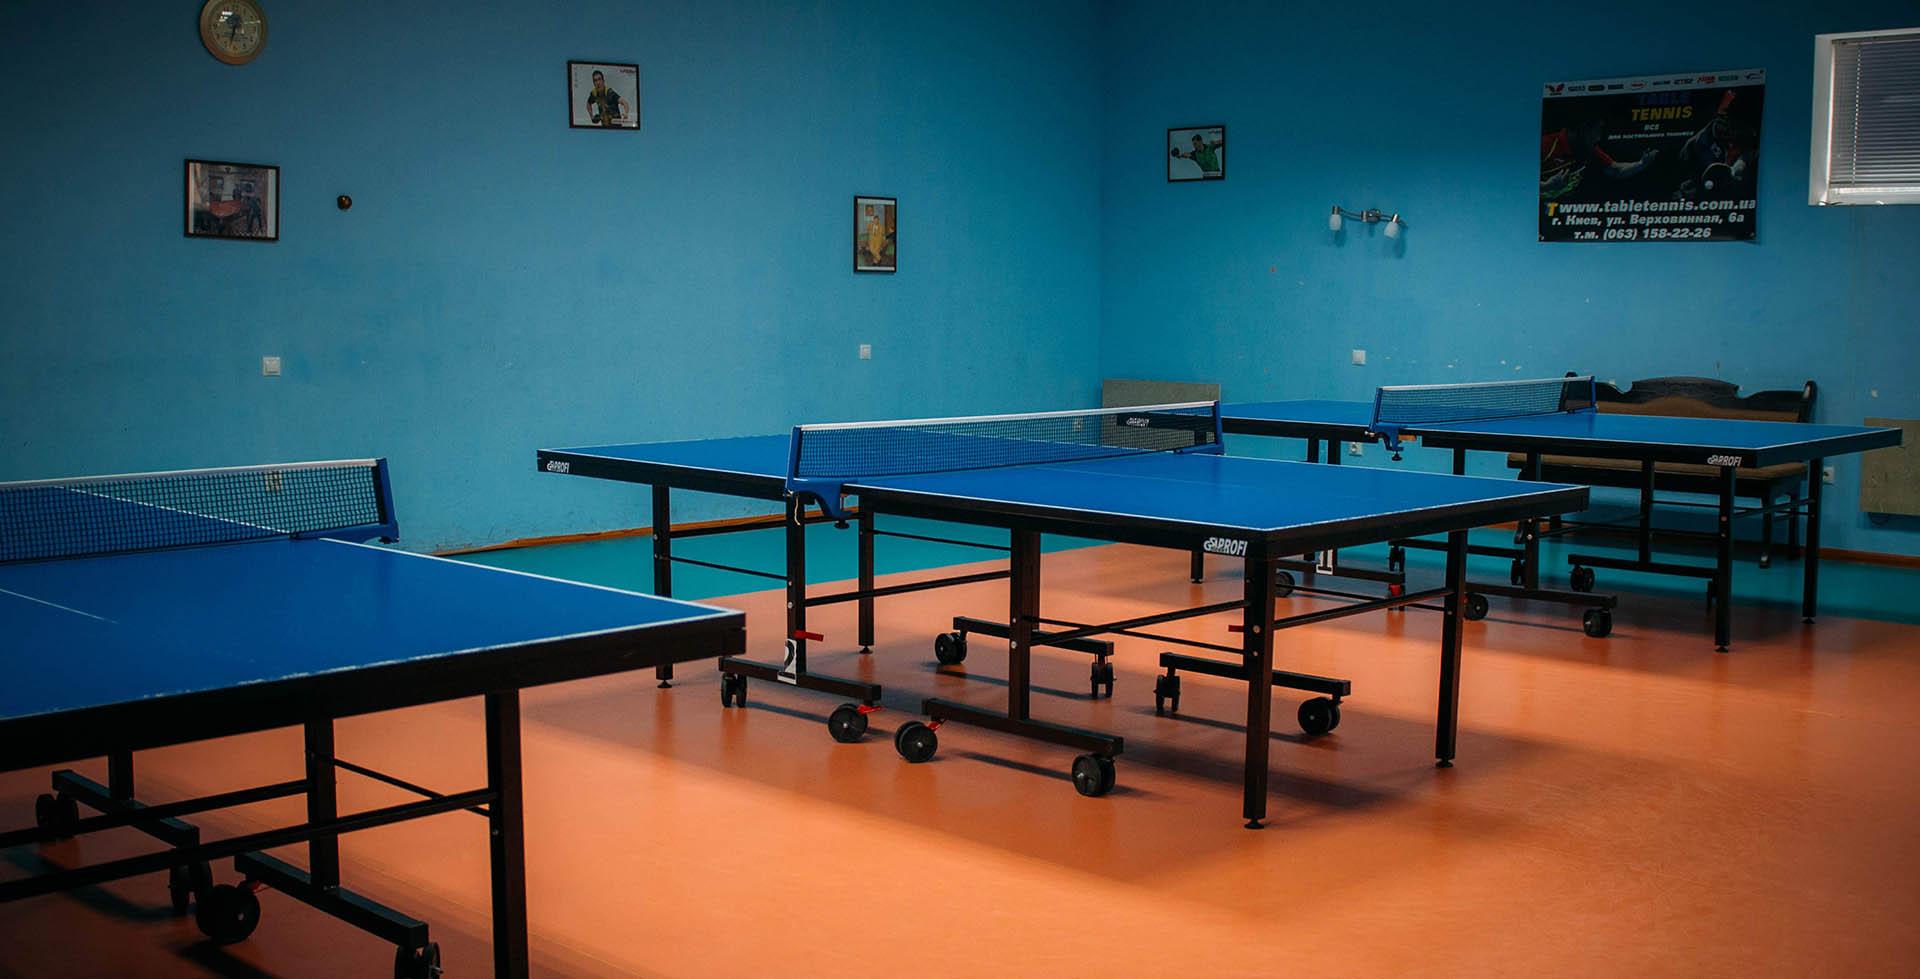 теннисный клуб в Киеве